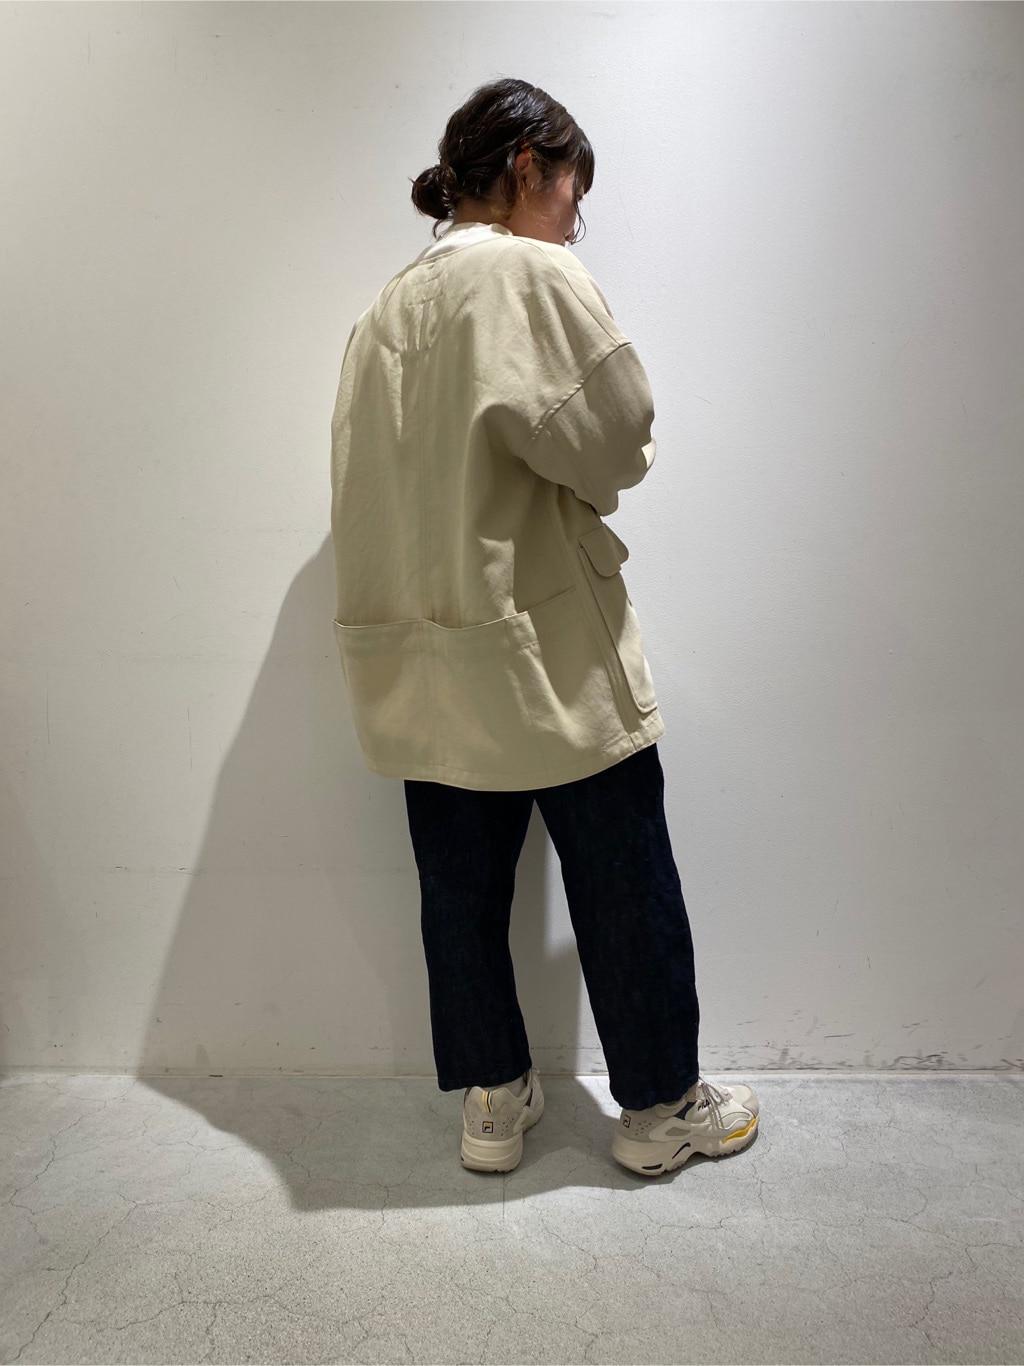 bulle de savon ルクアイーレ 身長:150cm 2020.09.17